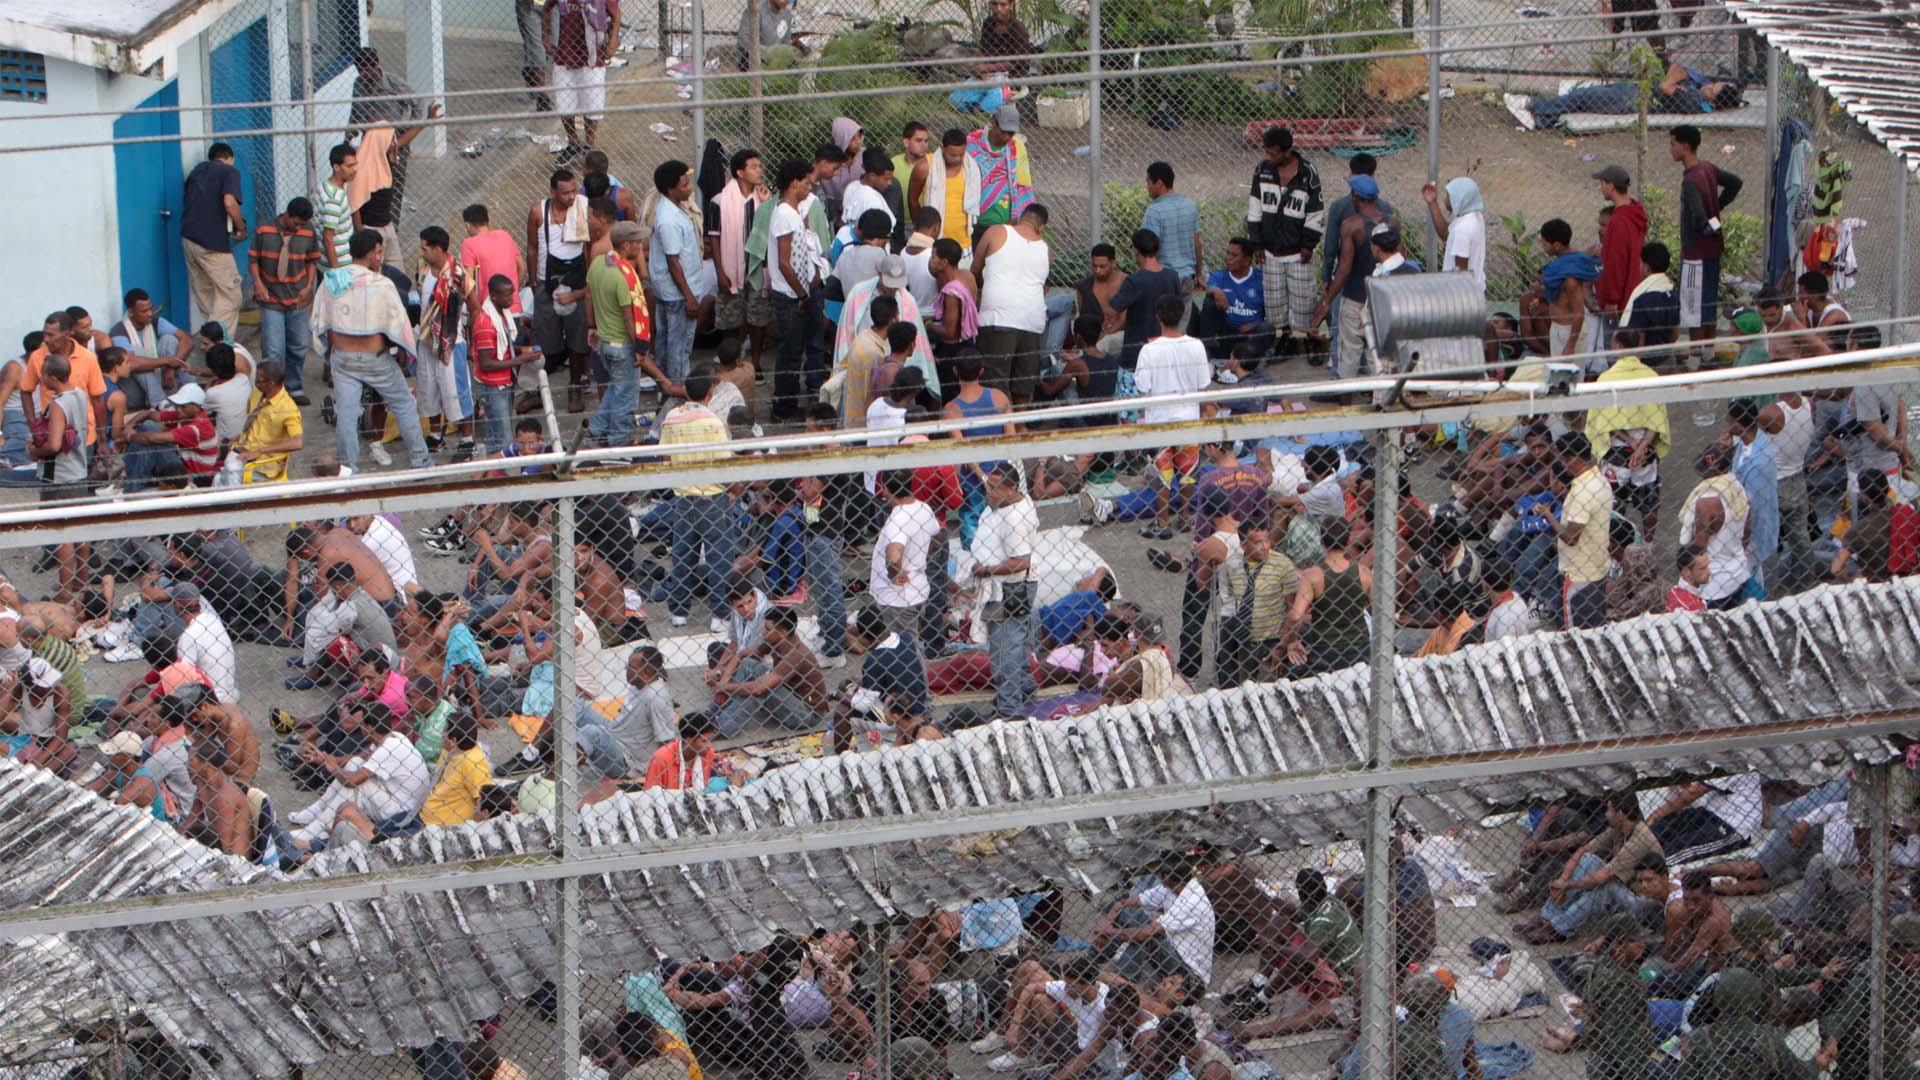 Los reclusos de la Penitenciaría General de Venezuela aseguraron que lanzarán granadas en hospitales y escuelas si la GNB invade el recinto